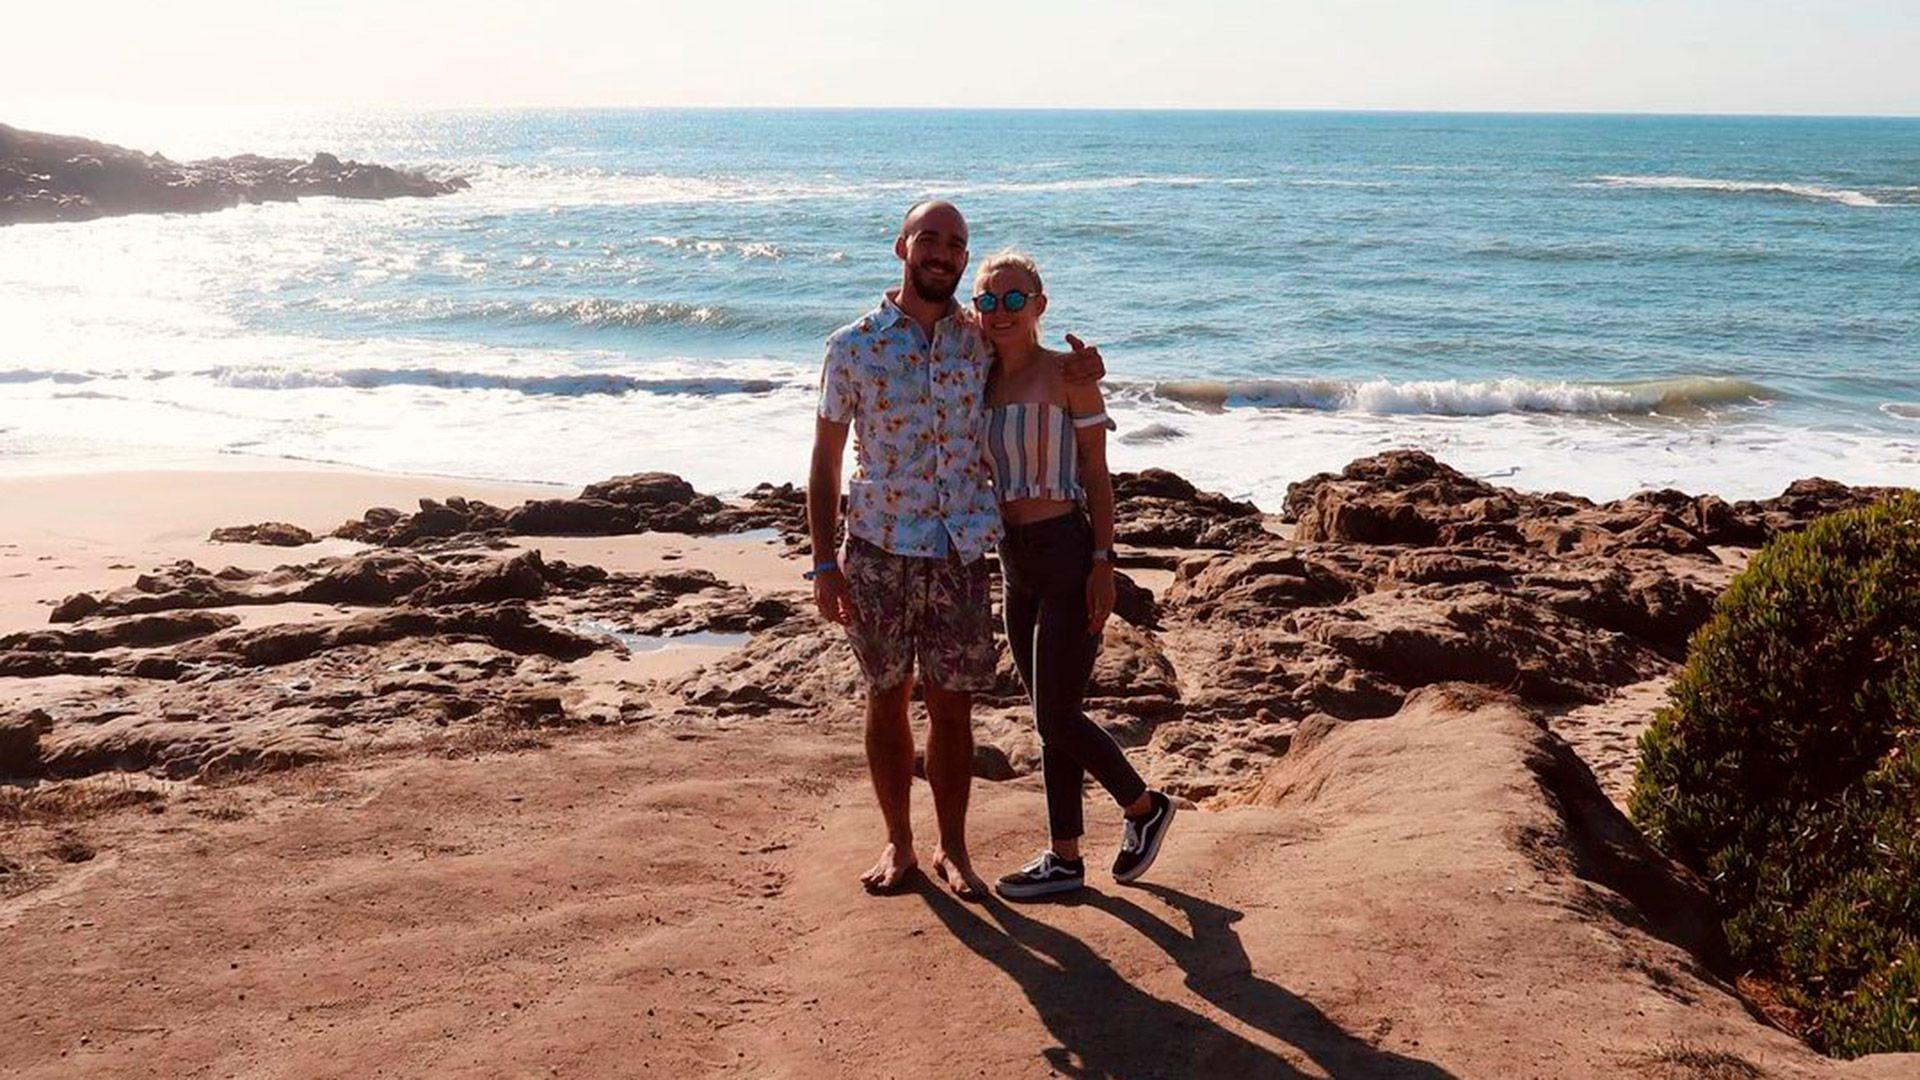 viaje por carretera en EEUU de Gabby Petito y su novio